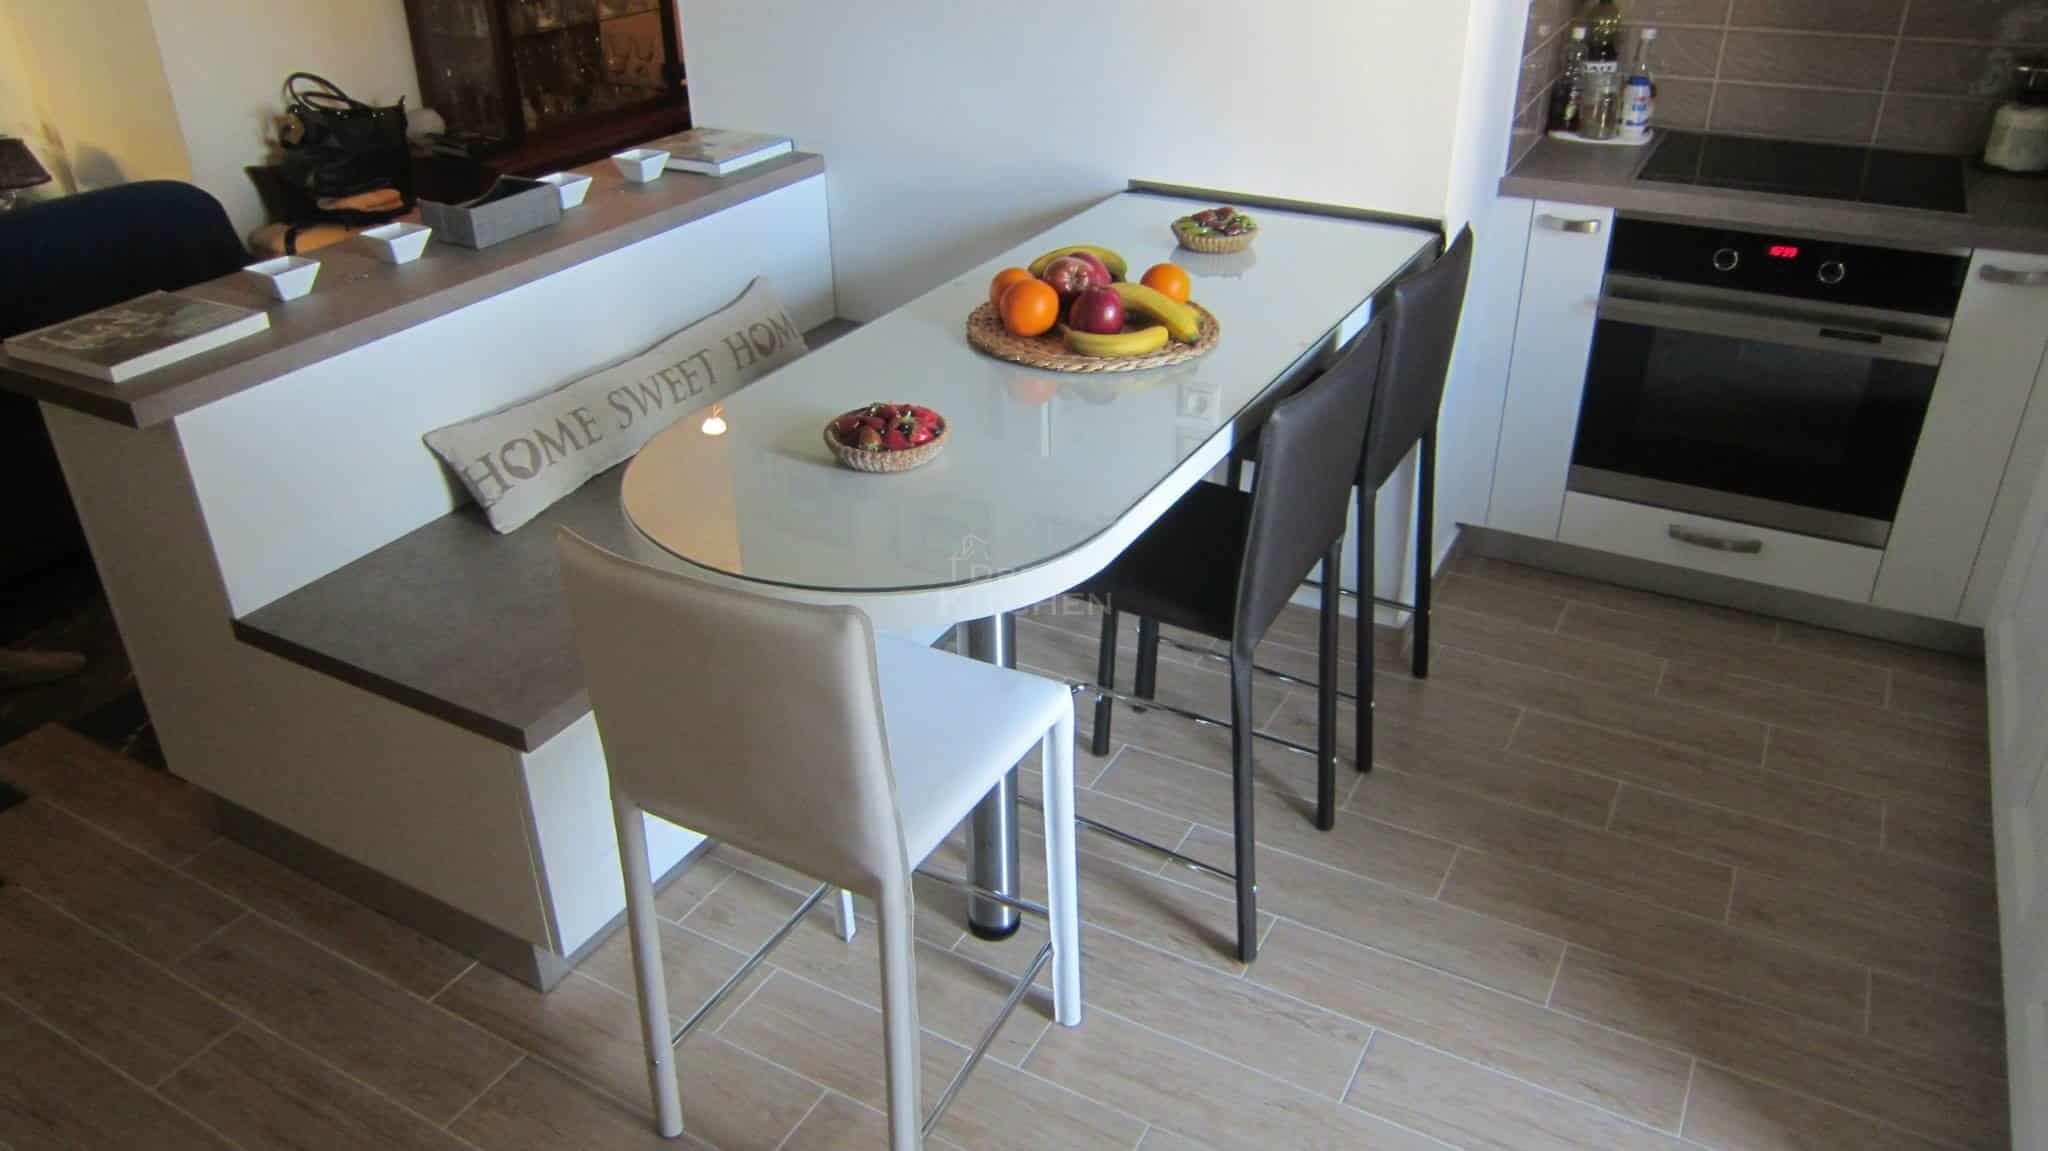 Κουζινα Πολυμερικο σε λευκο χρωματισμο 7